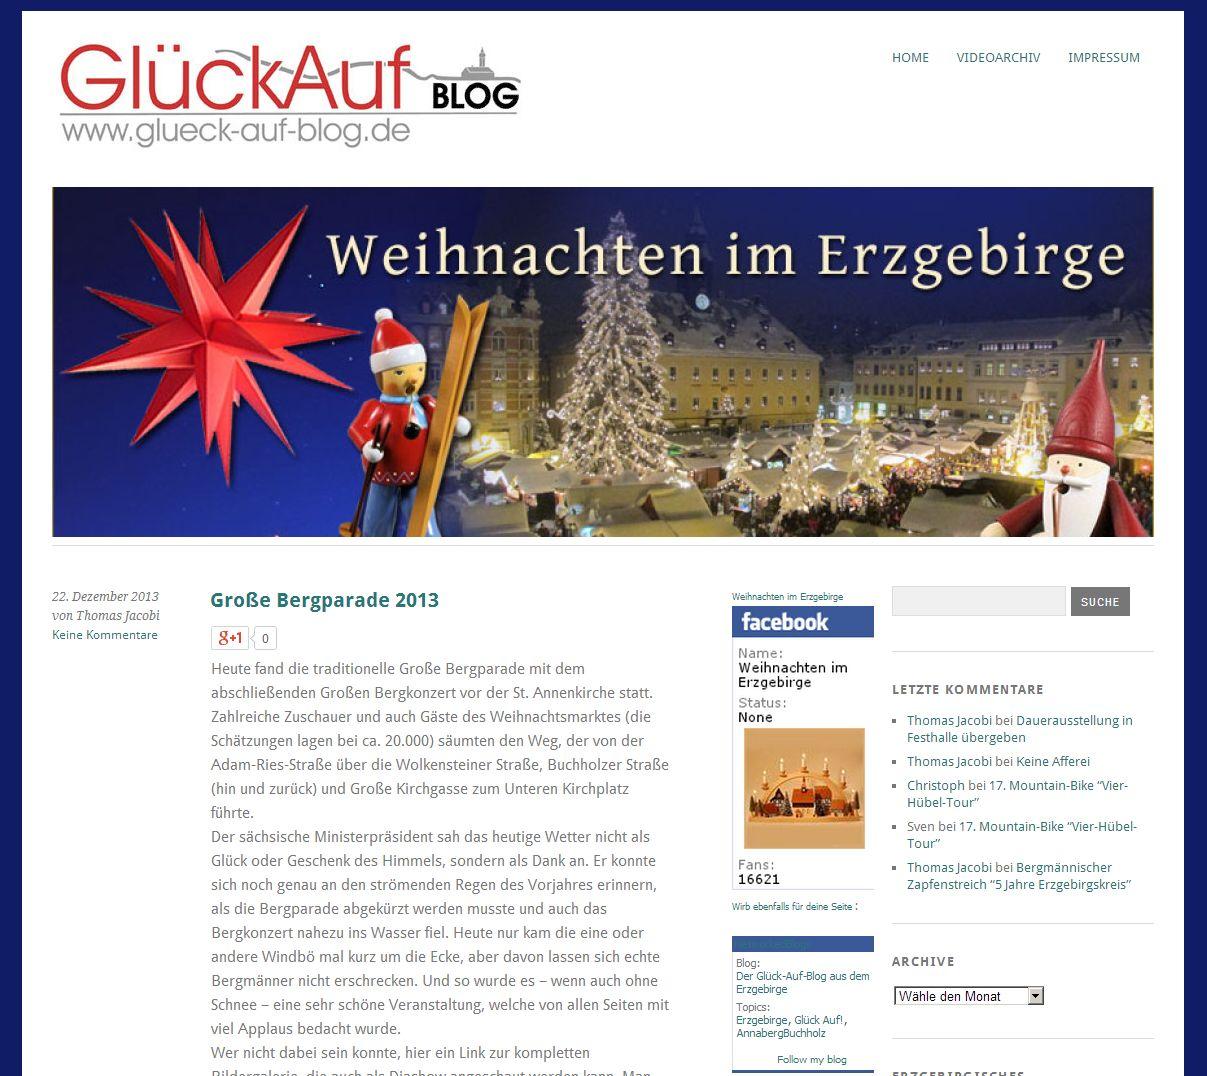 2014 Der Glueck-Auf-Blog aus dem Erzgbeirge